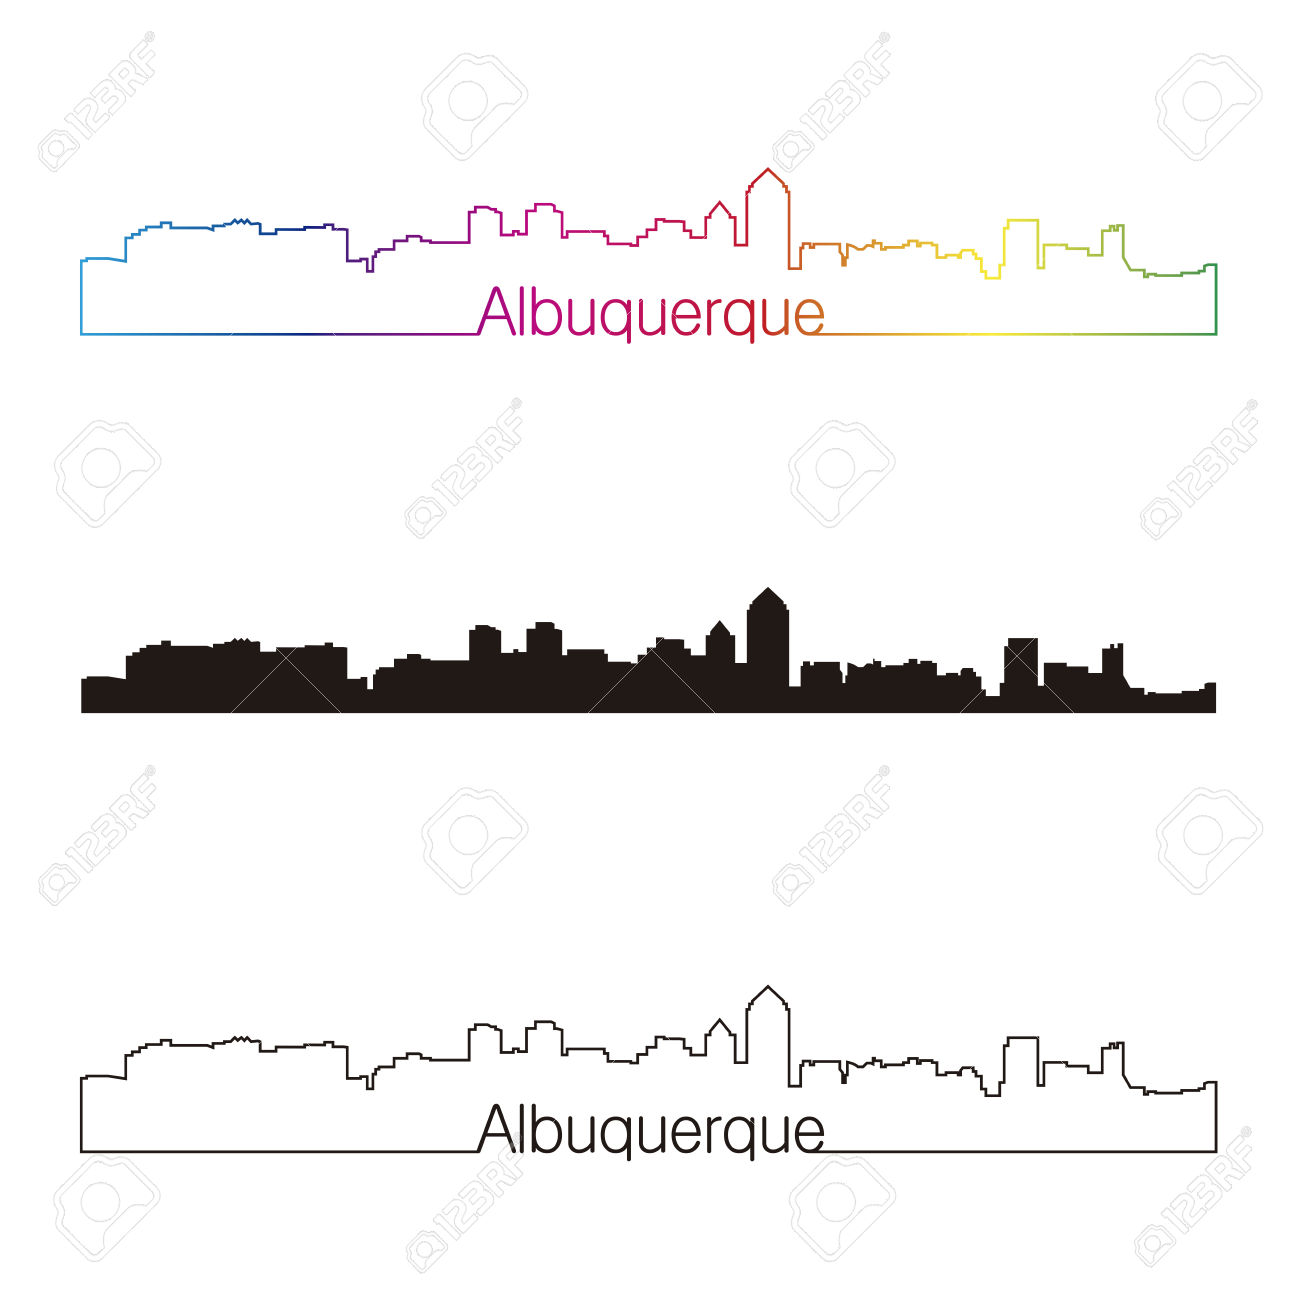 Albuquerque clipart #5